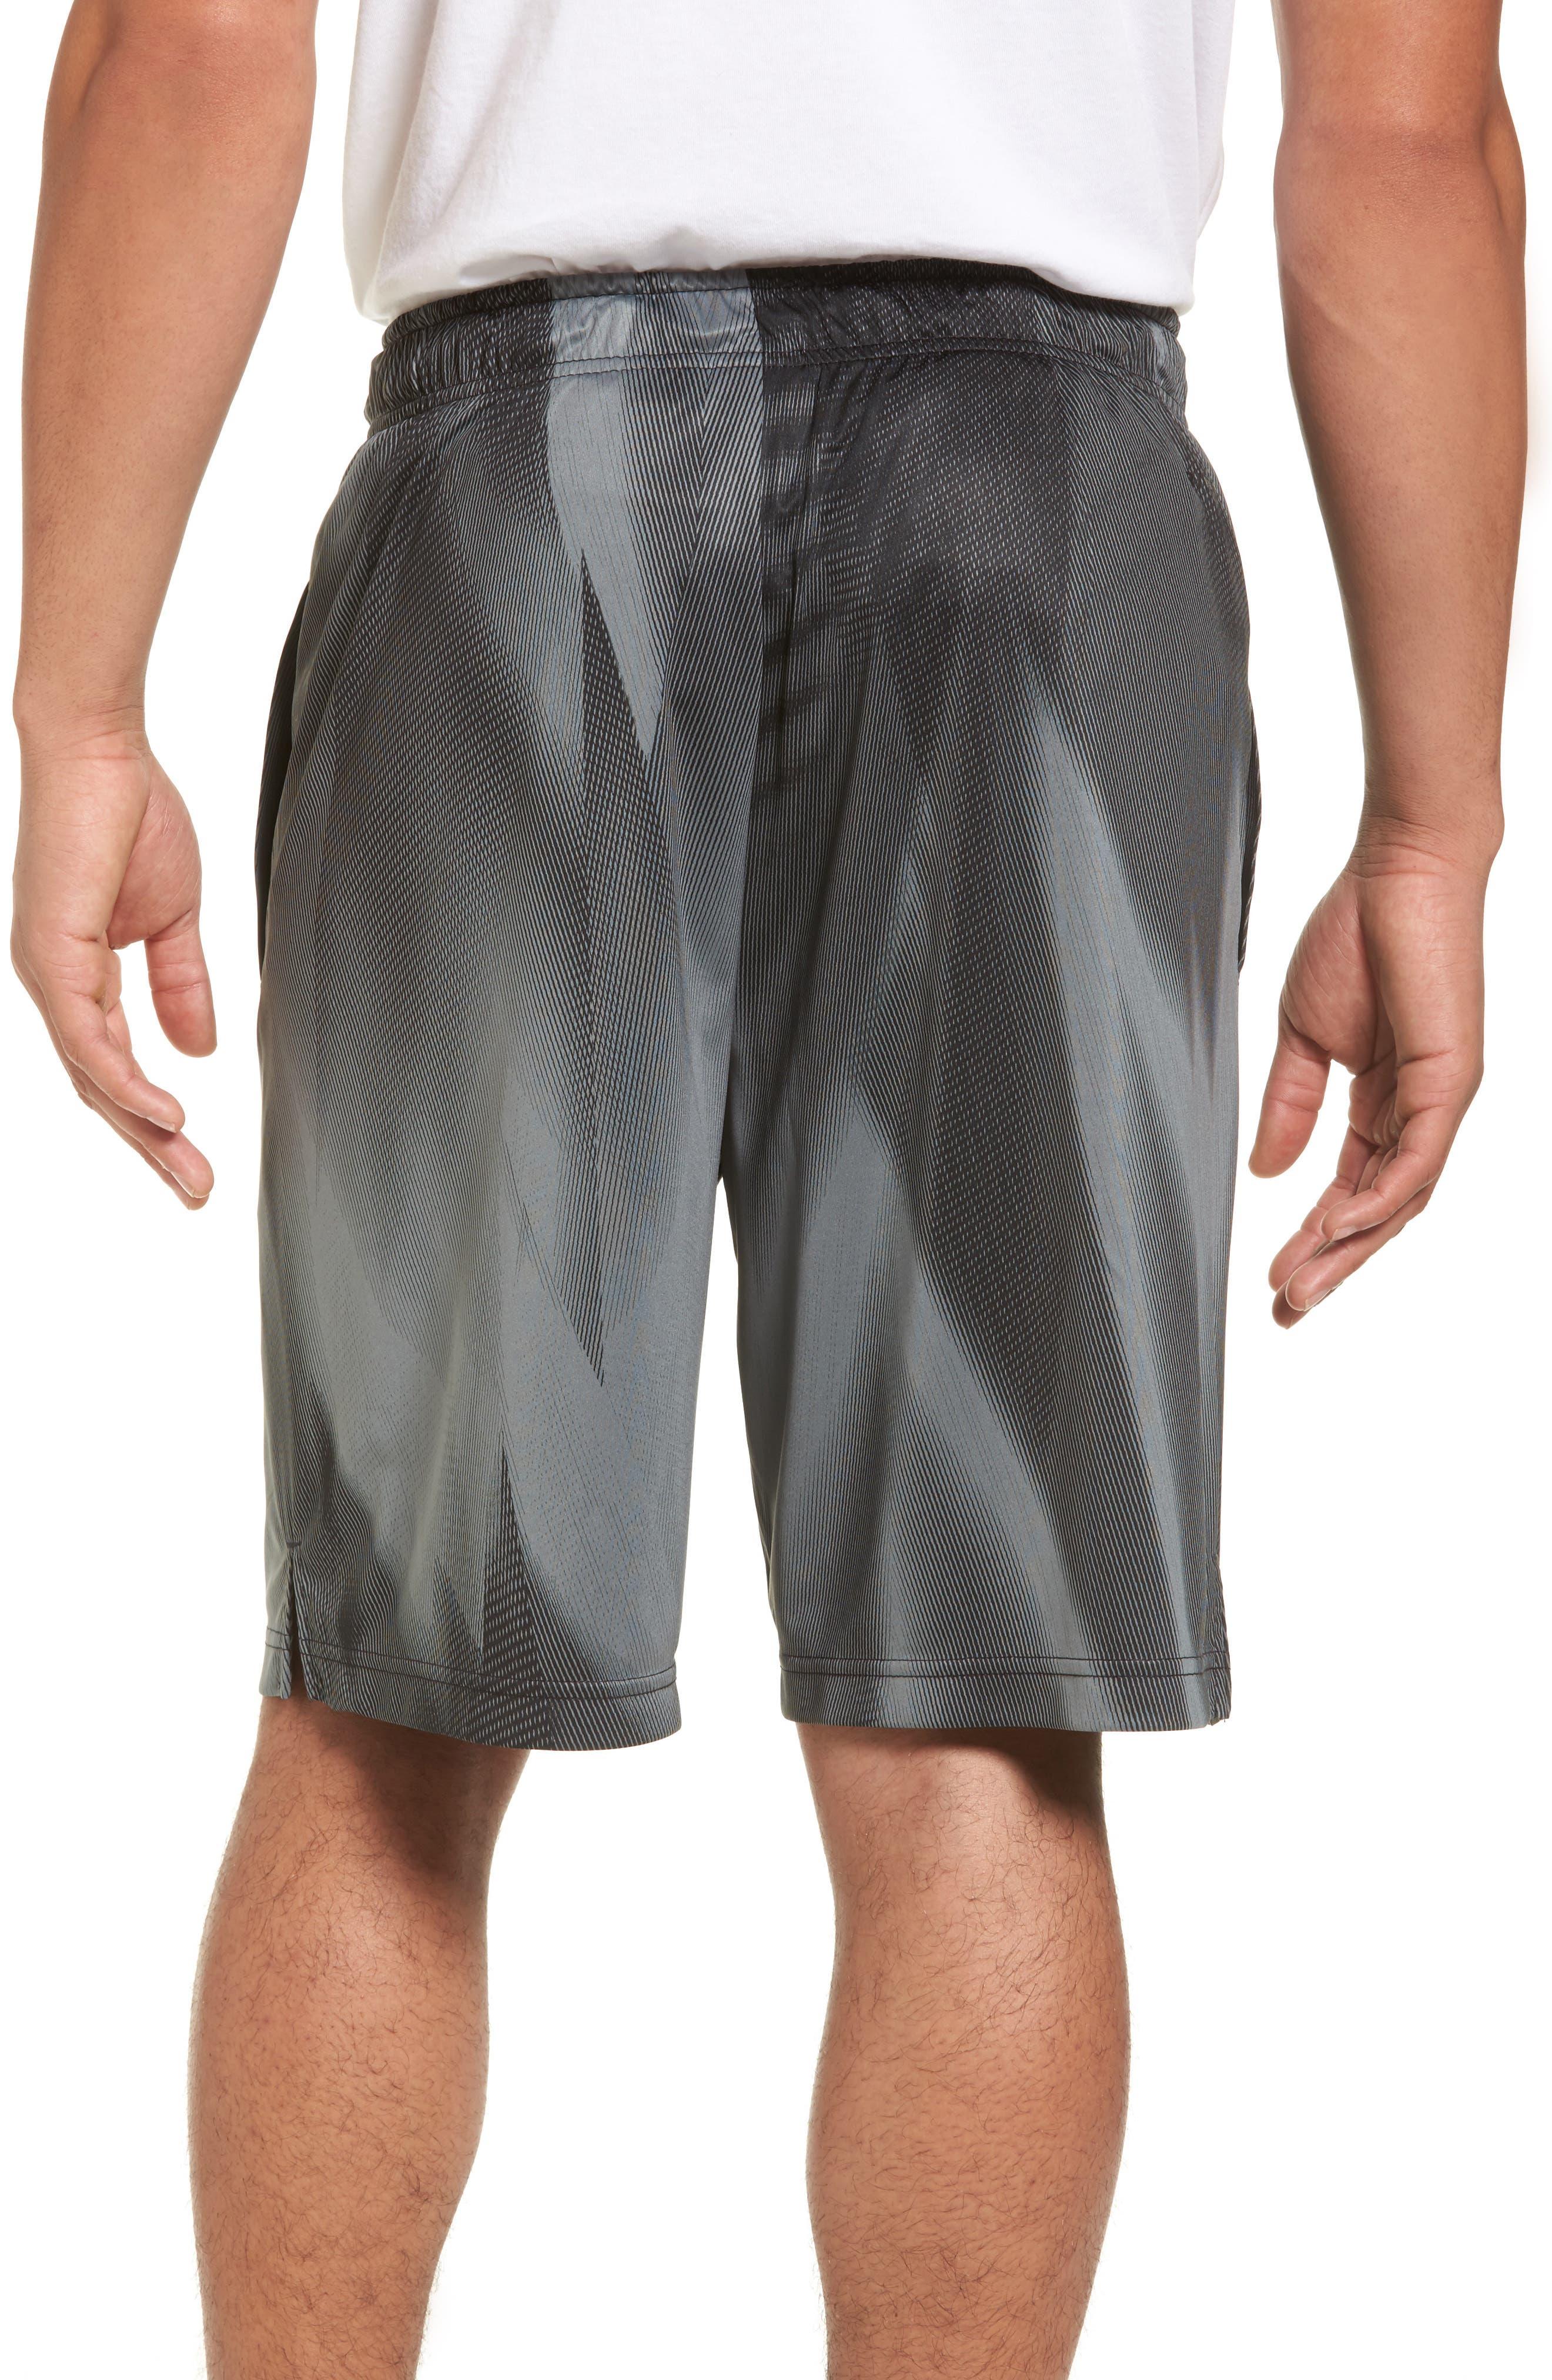 Dry Training Shorts,                             Alternate thumbnail 2, color,                             Black/ Black